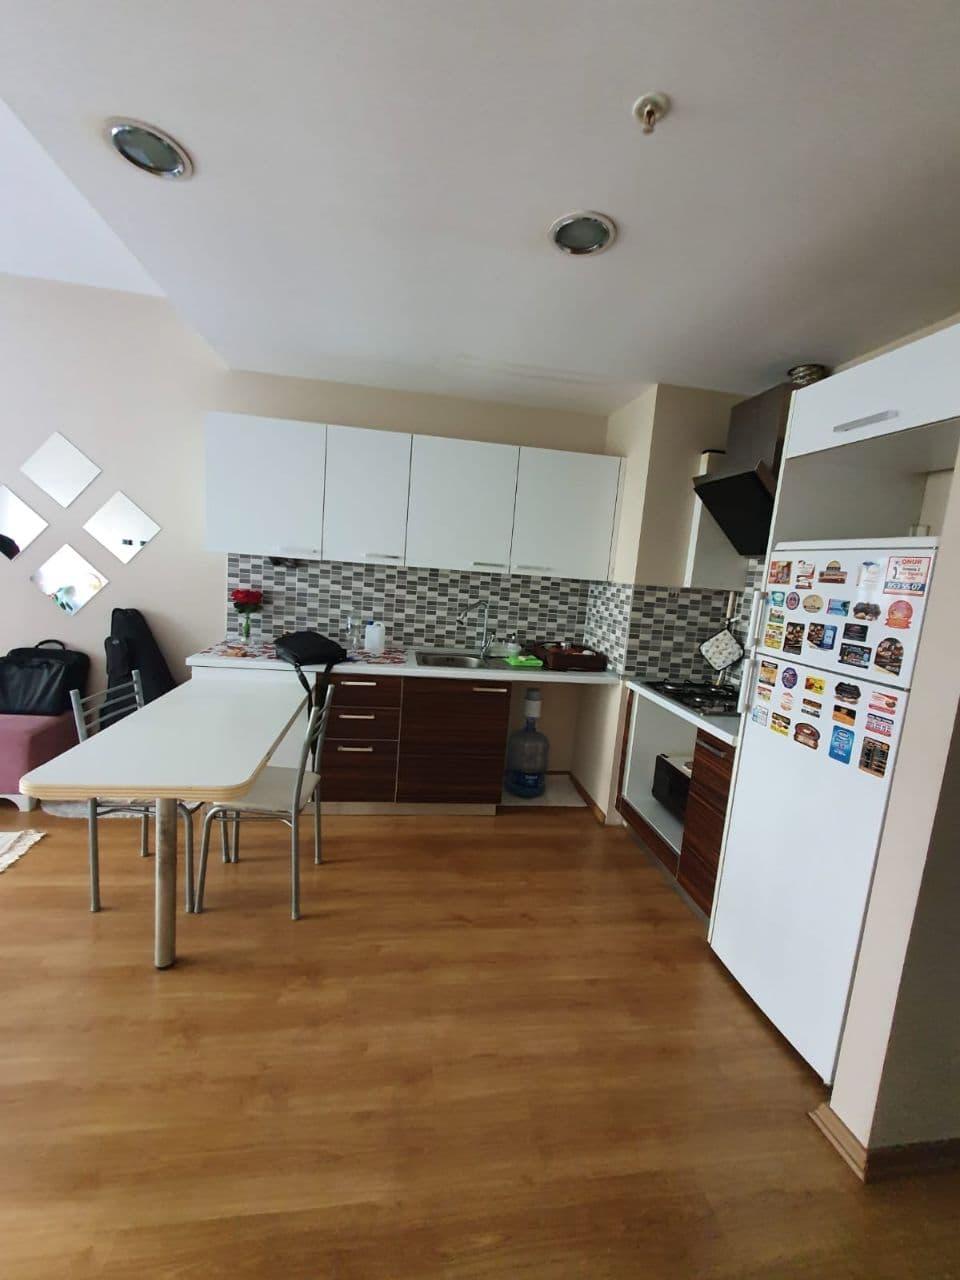 اجاره آپارتمان در استانبول یکخوابه استثنایی